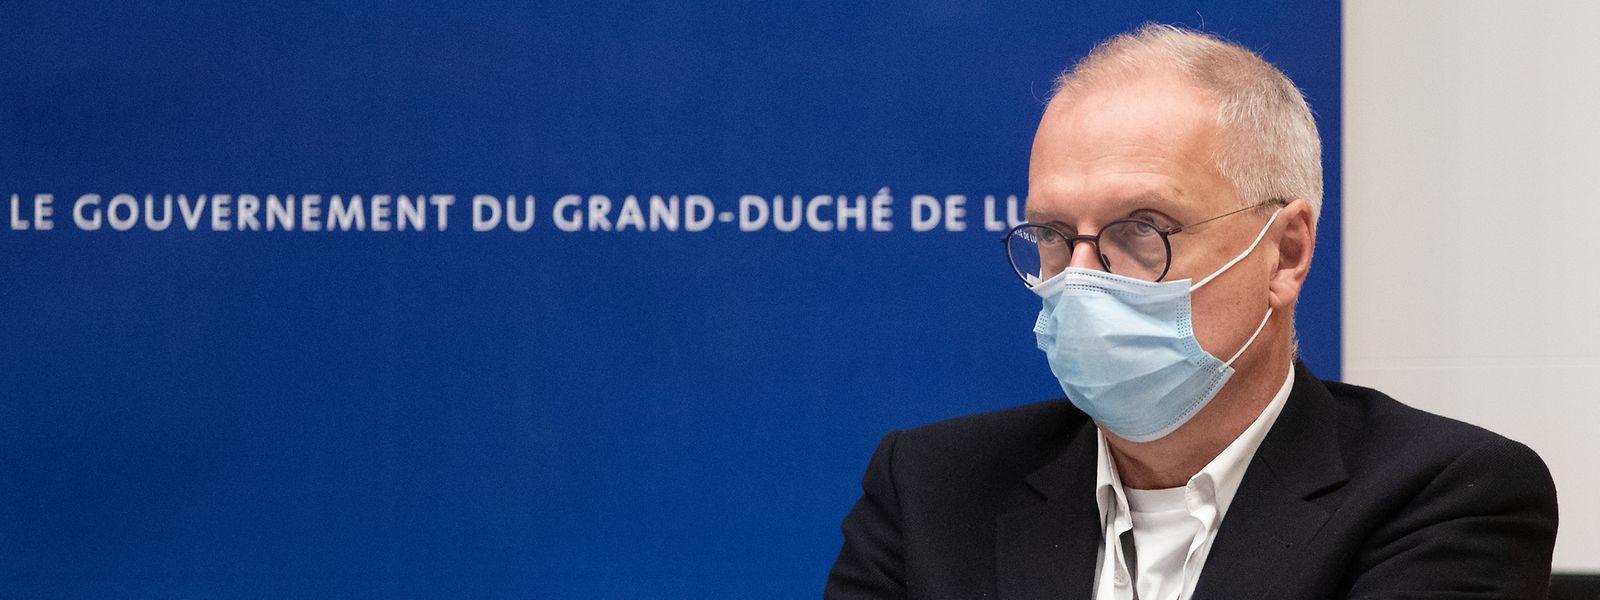 Pour le Dr Jean-Claude Schmit, directeur de la Santé, la principale mutation qui circule pour l'heure au Luxembourg n'est autre que le variant britannique du covid-19.